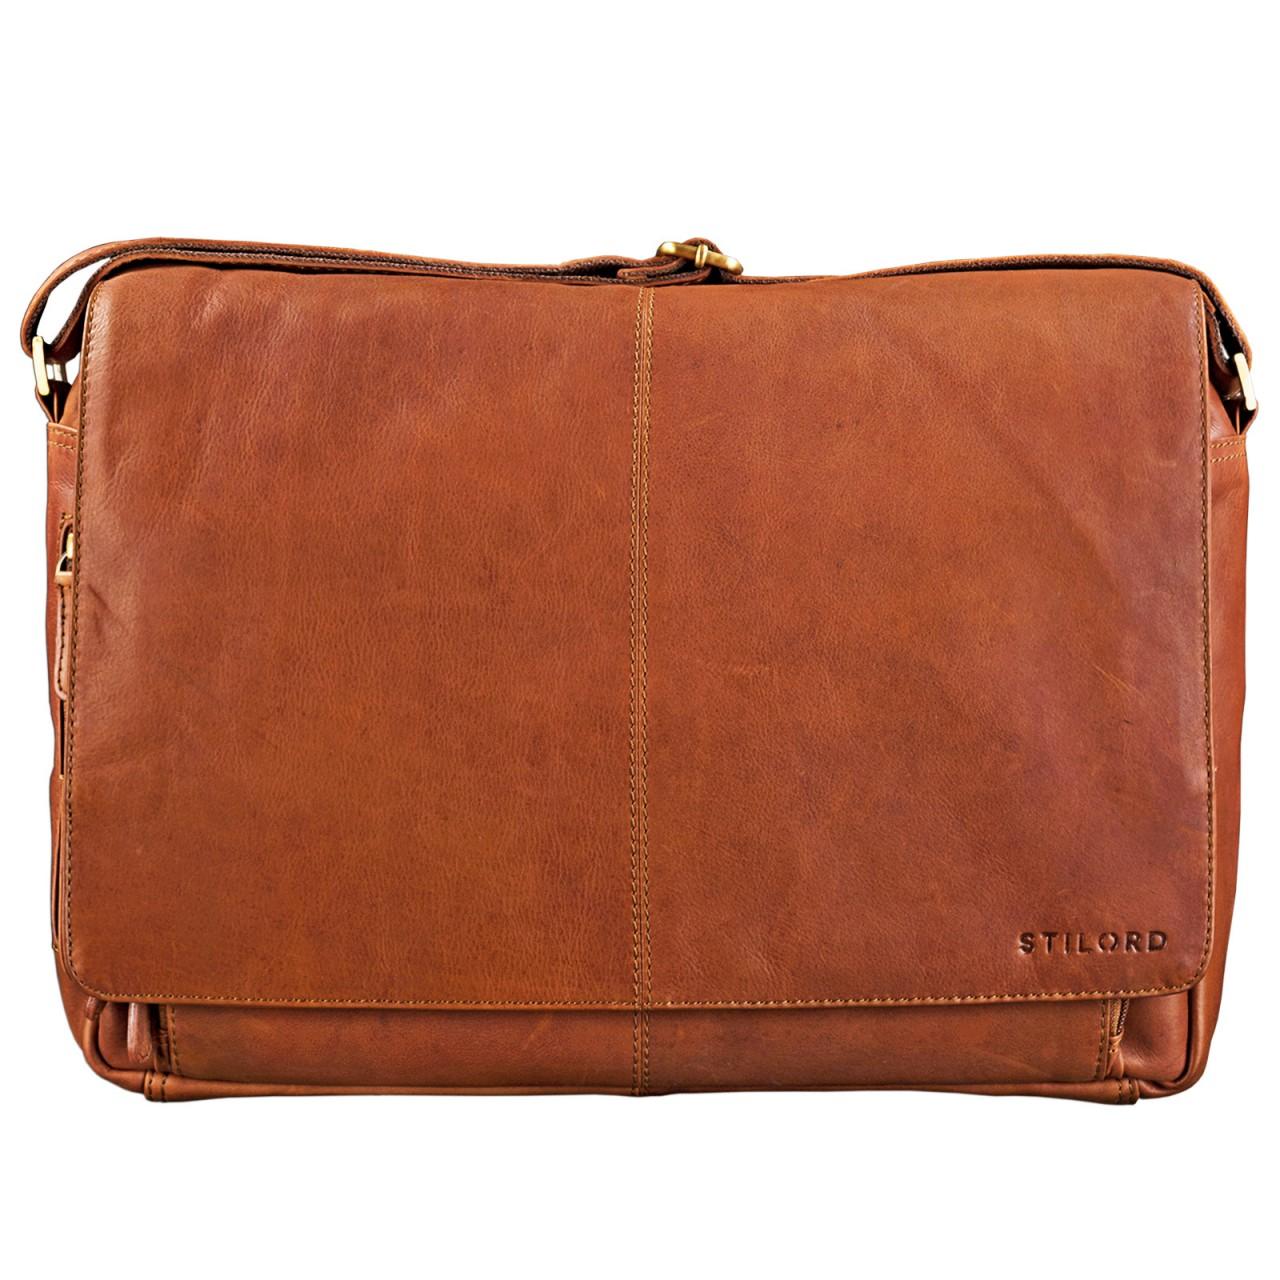 STILORD B-Ware Vintage Ledertasche Männer Frauen Businesstasche zum Umhängen 15,6 Zoll Laptoptasche Aktentasche Unitasche Umhängetasche Leder - Bild 2